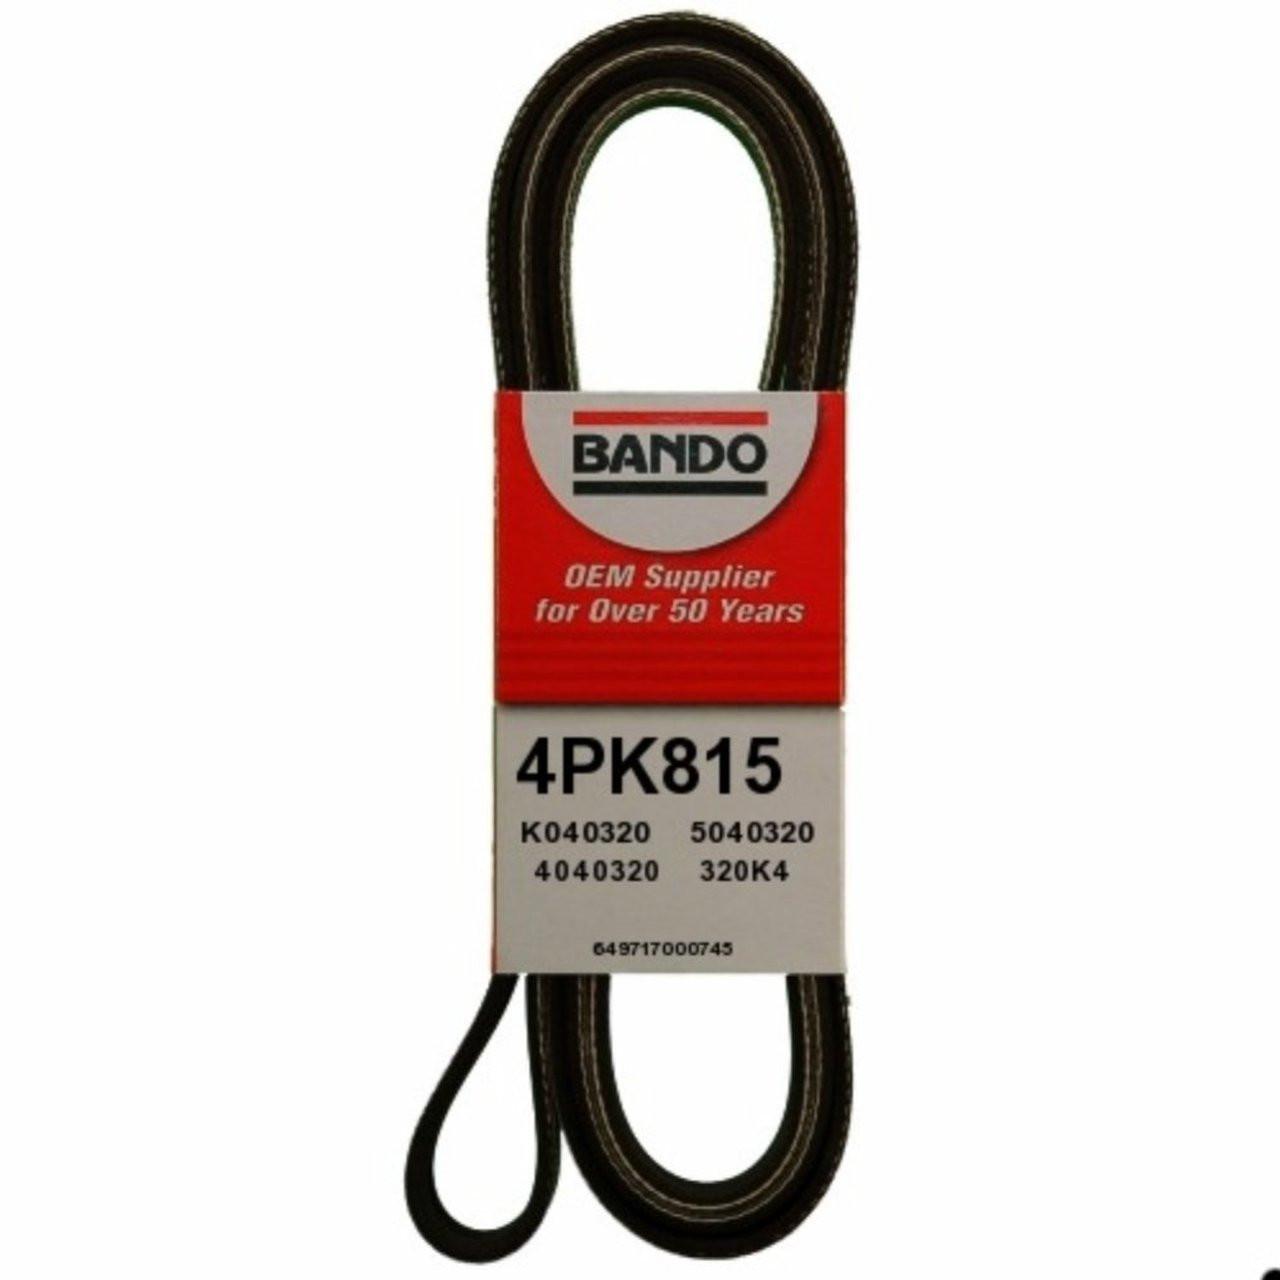 NAPA AUTOMOTIVE 25-040320 Replacement Belt